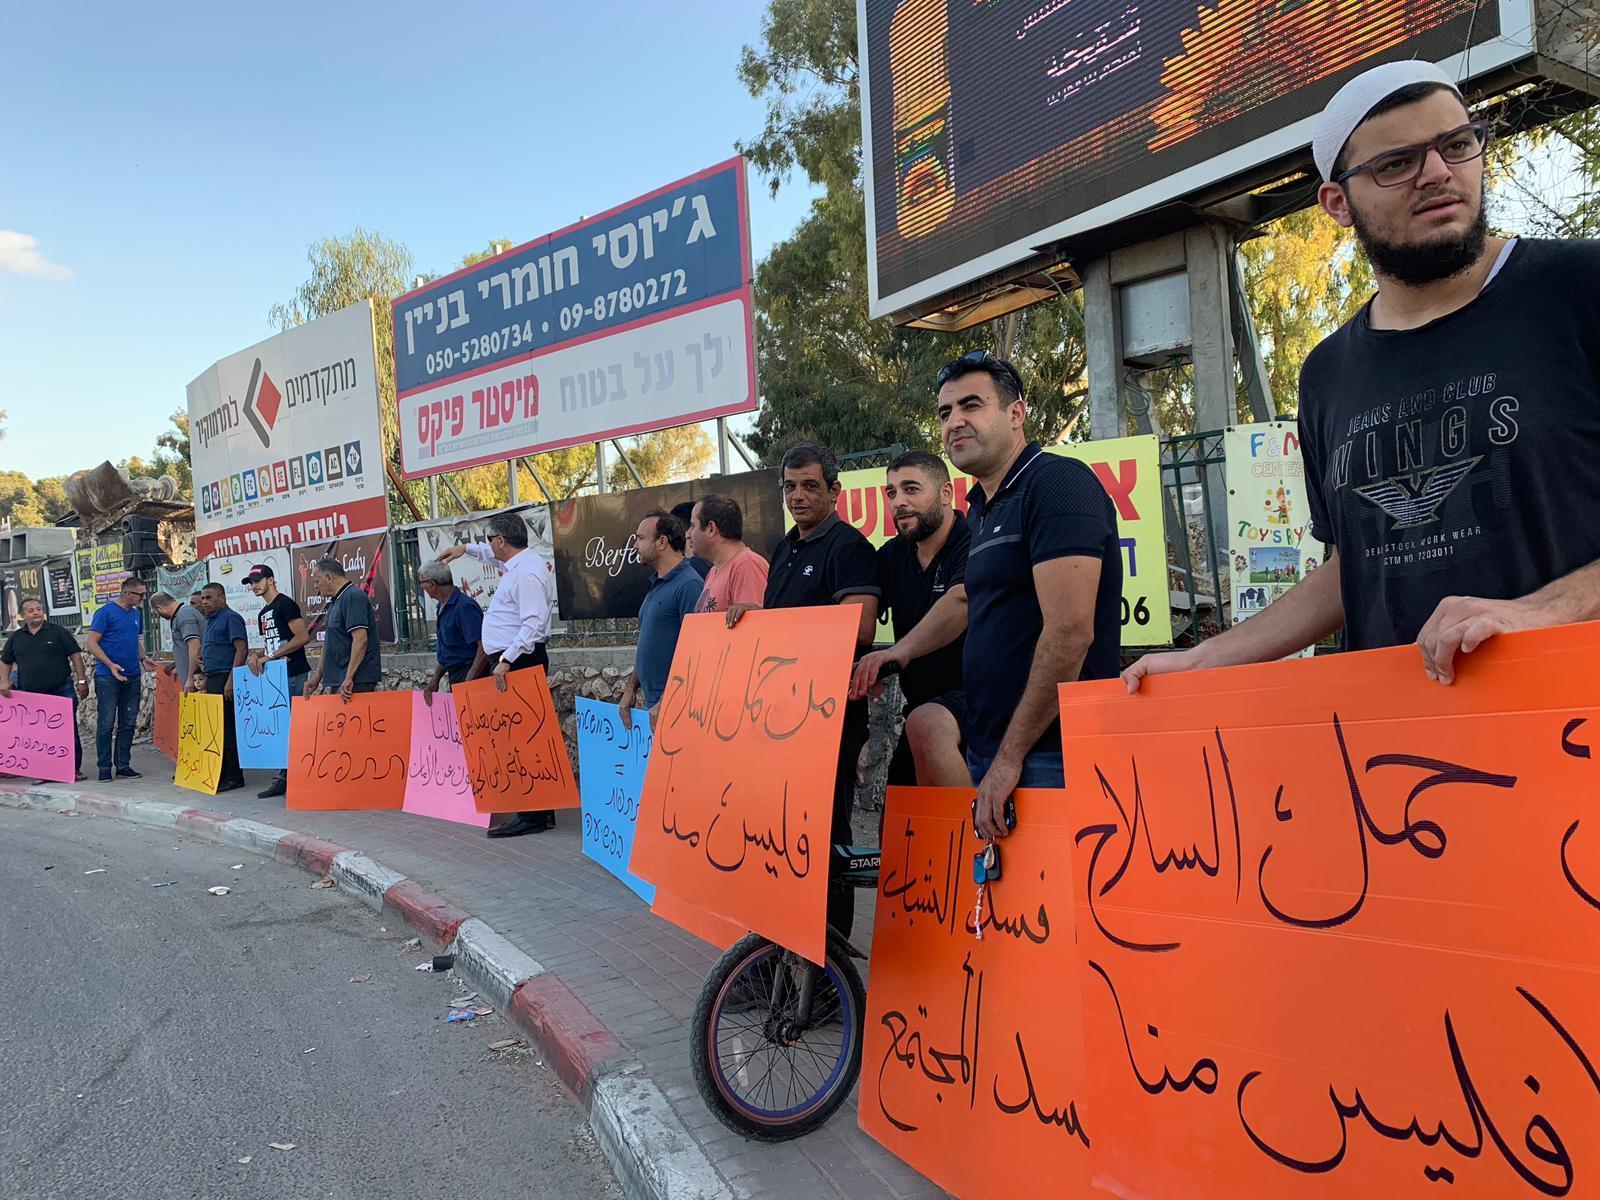 قلنسوة: تظاهرة احتجاجًا ضد العنف وتواطؤ الشرطة